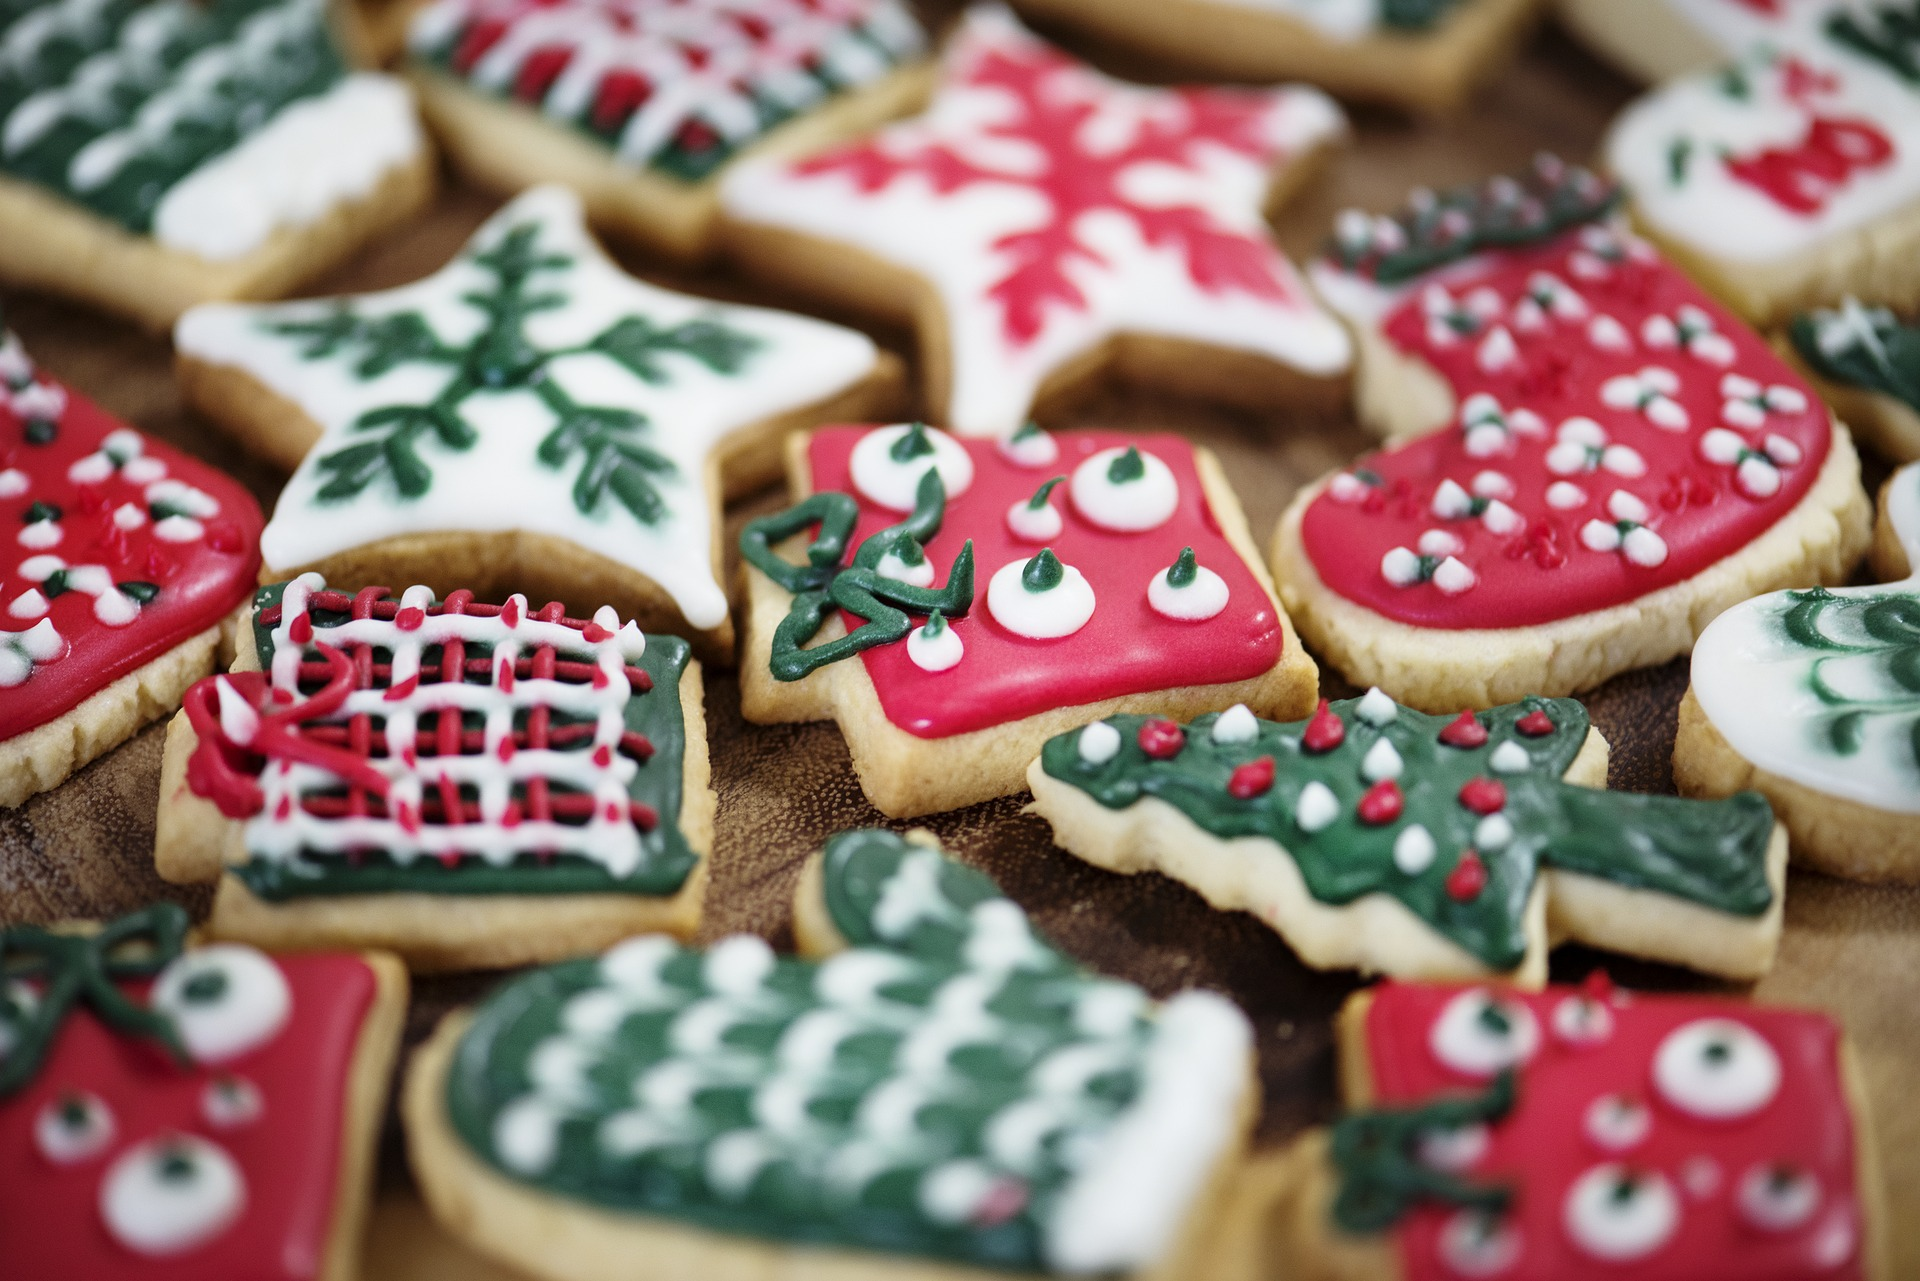 Dietas depurativas para después de las fiestas navideñas